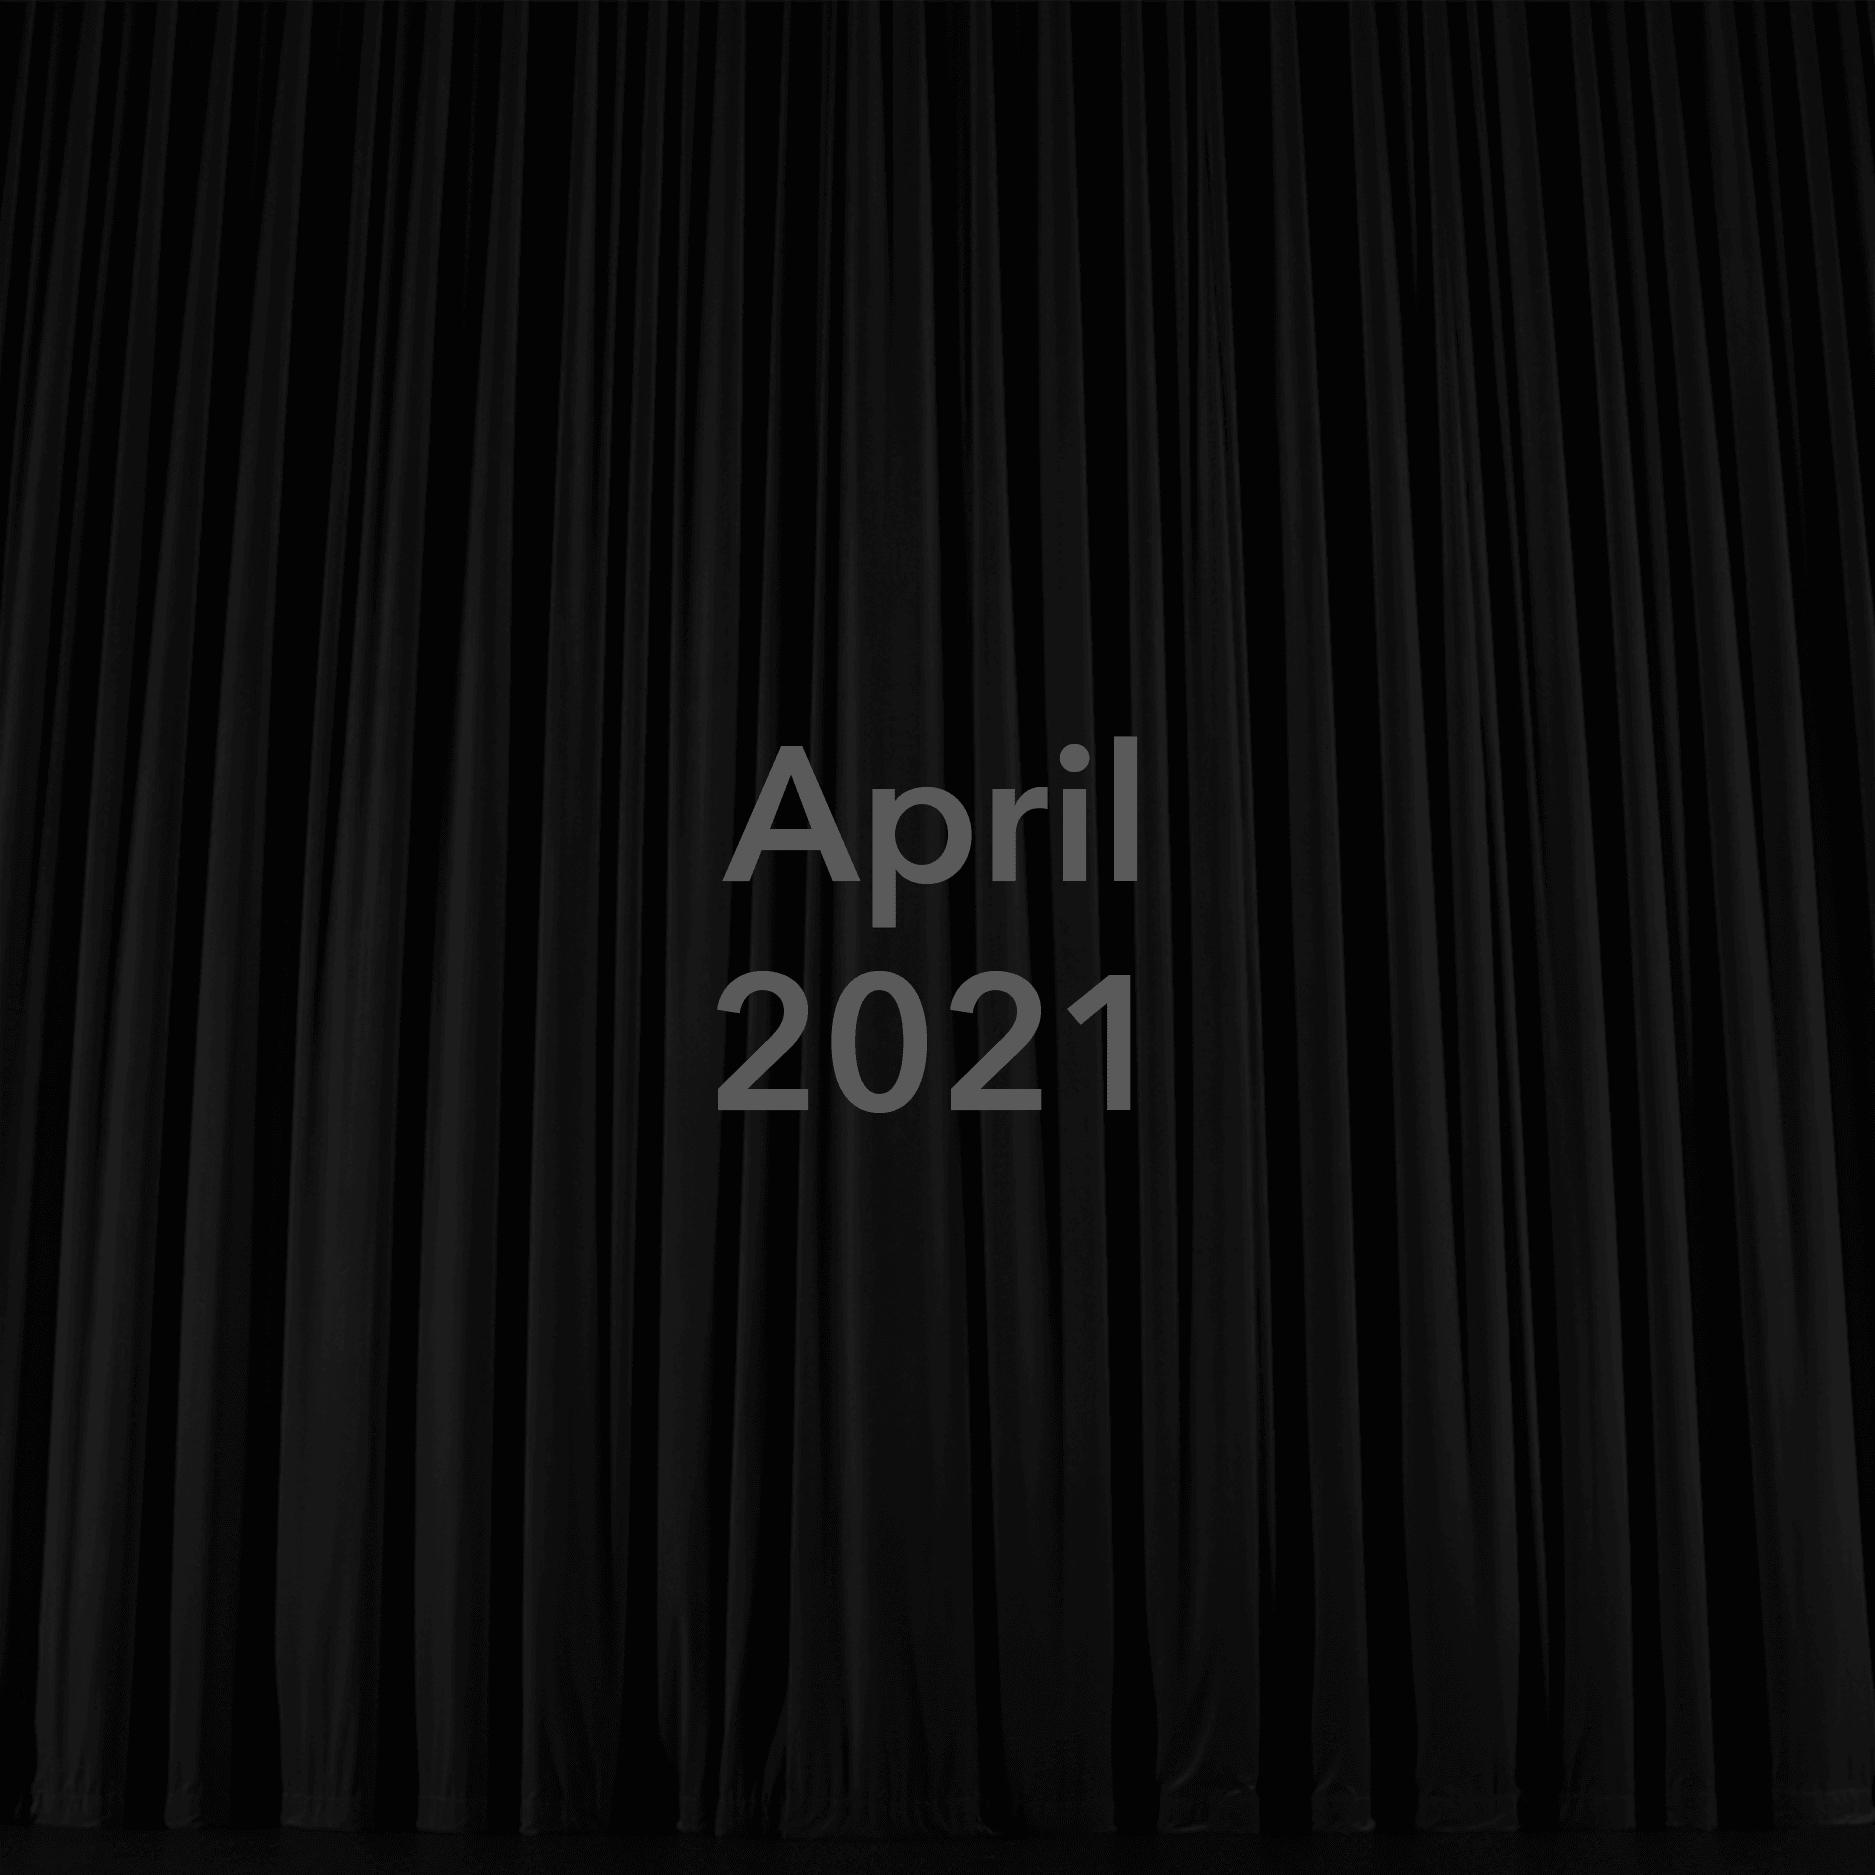 April 2021 Show Placeholder